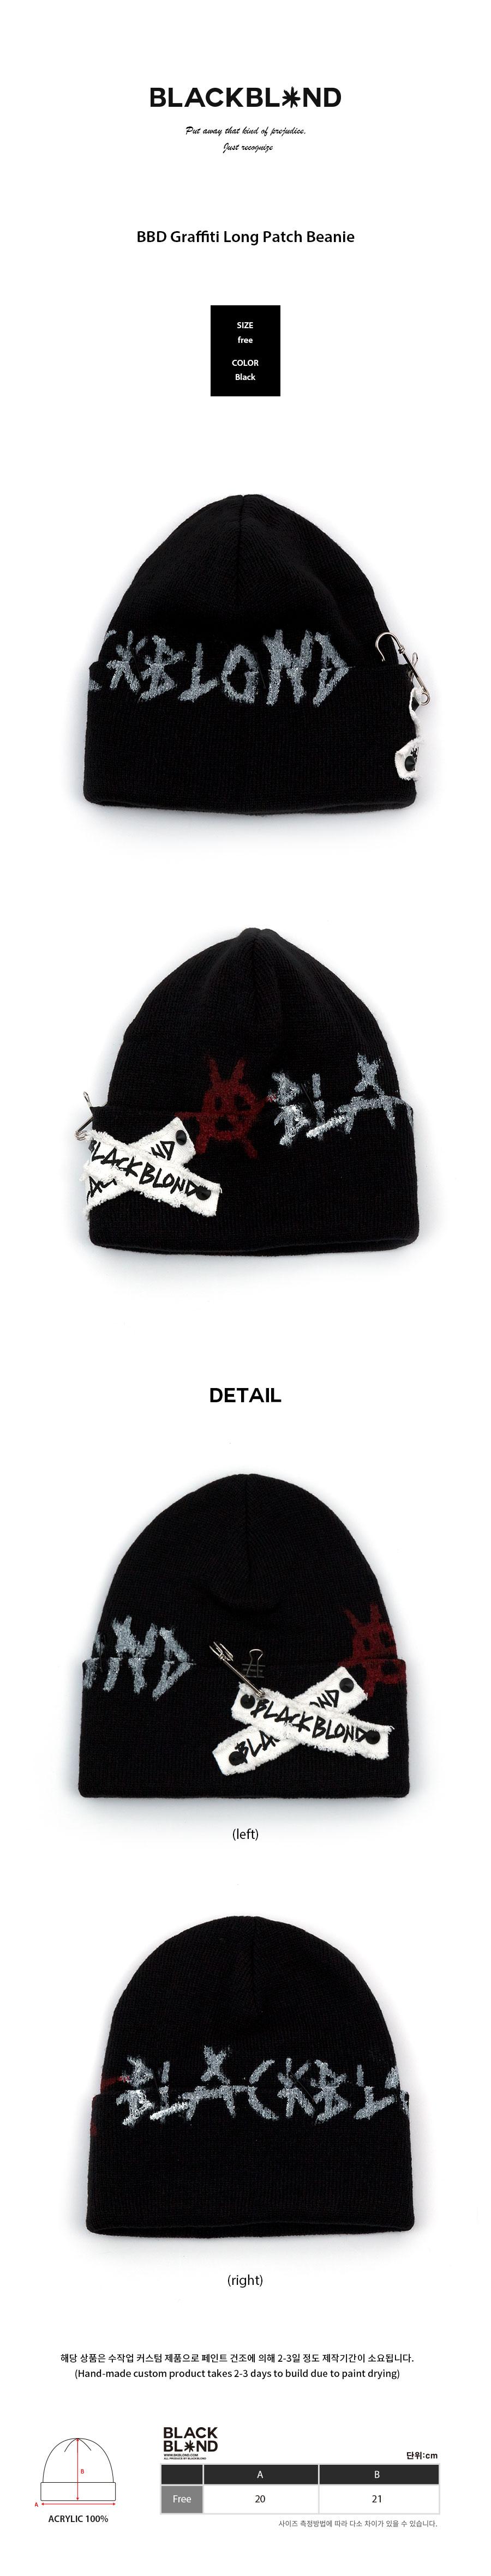 블랙블론드 BLACKBLOND - BBD Graffiti Logo Patch Beanie (Black)